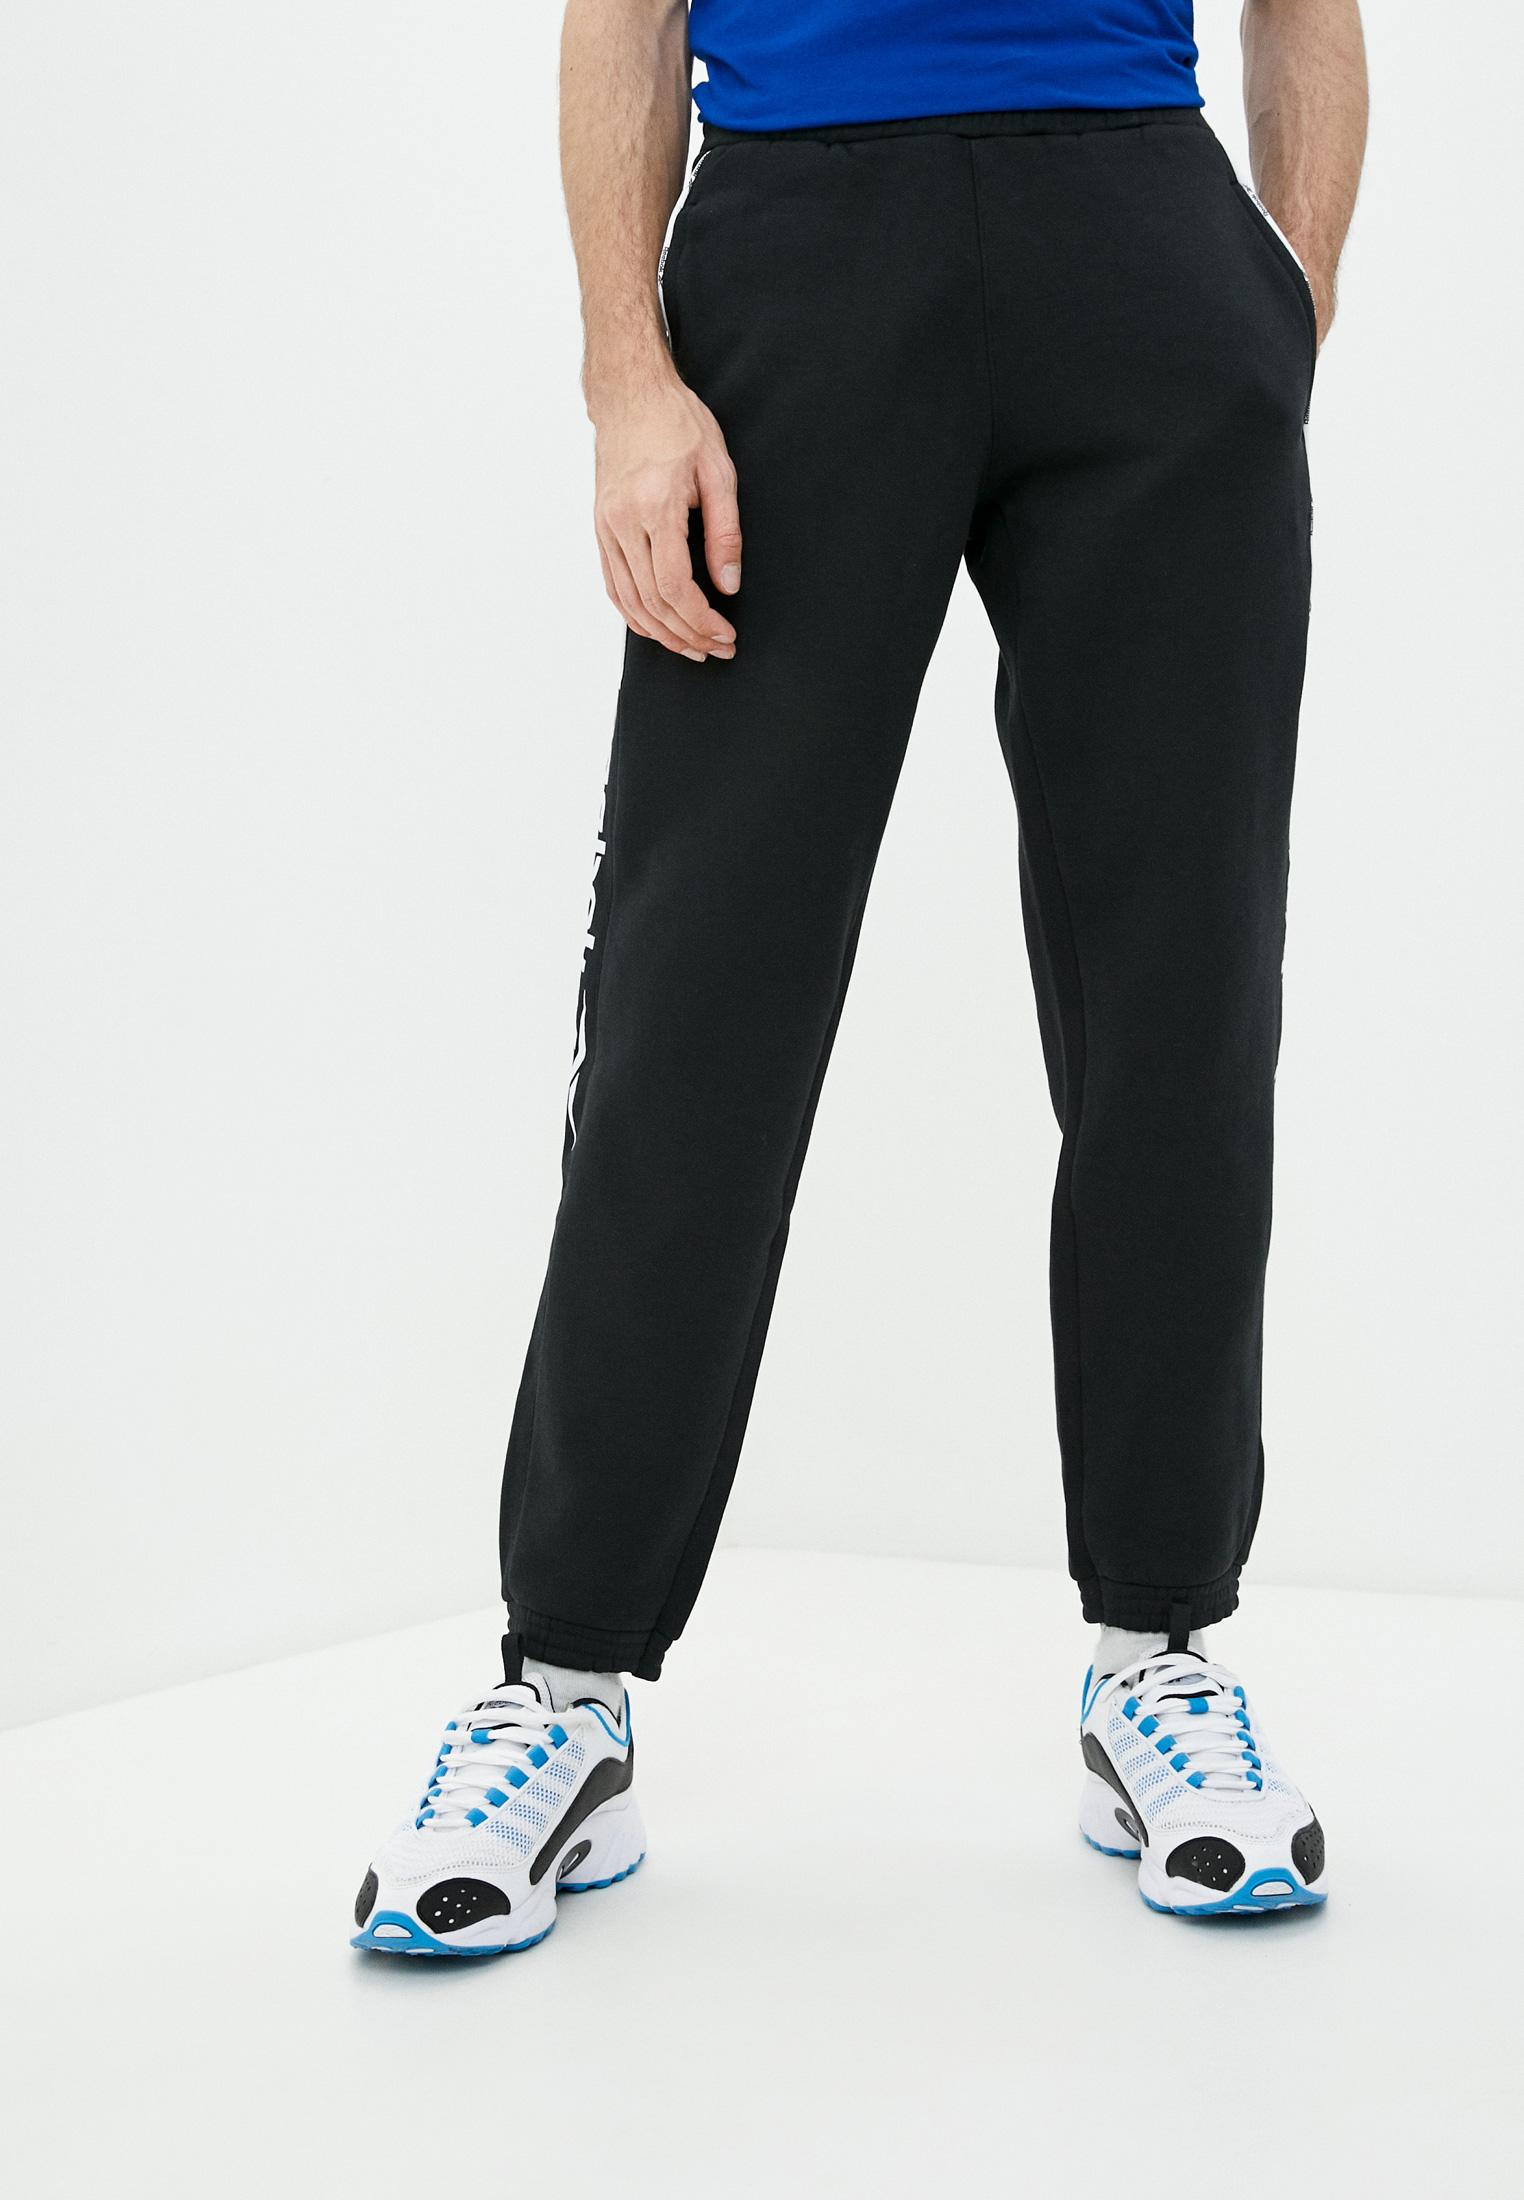 Мужские спортивные брюки Reebok Classic GJ6095